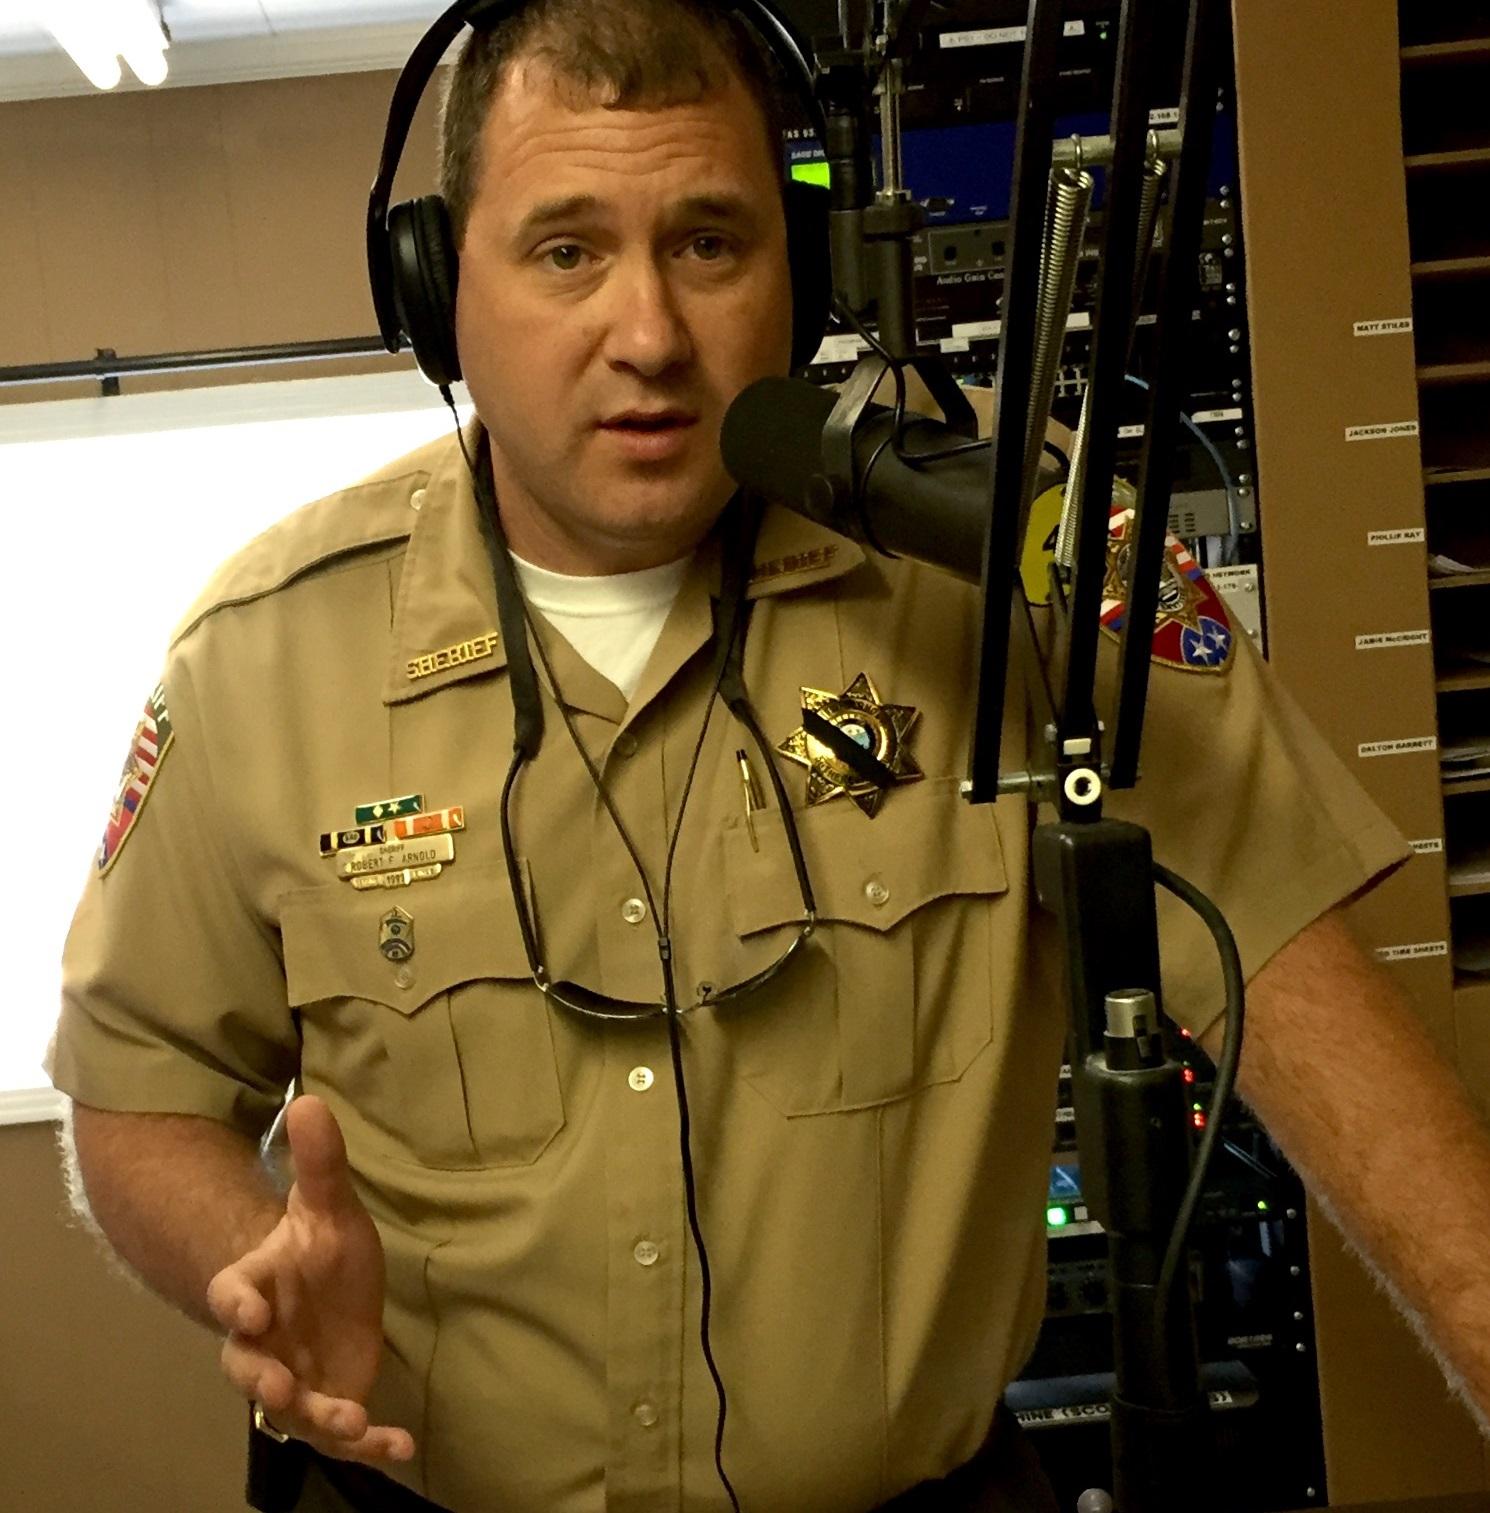 RUTHERFORD - Murfreesboro News and Radio